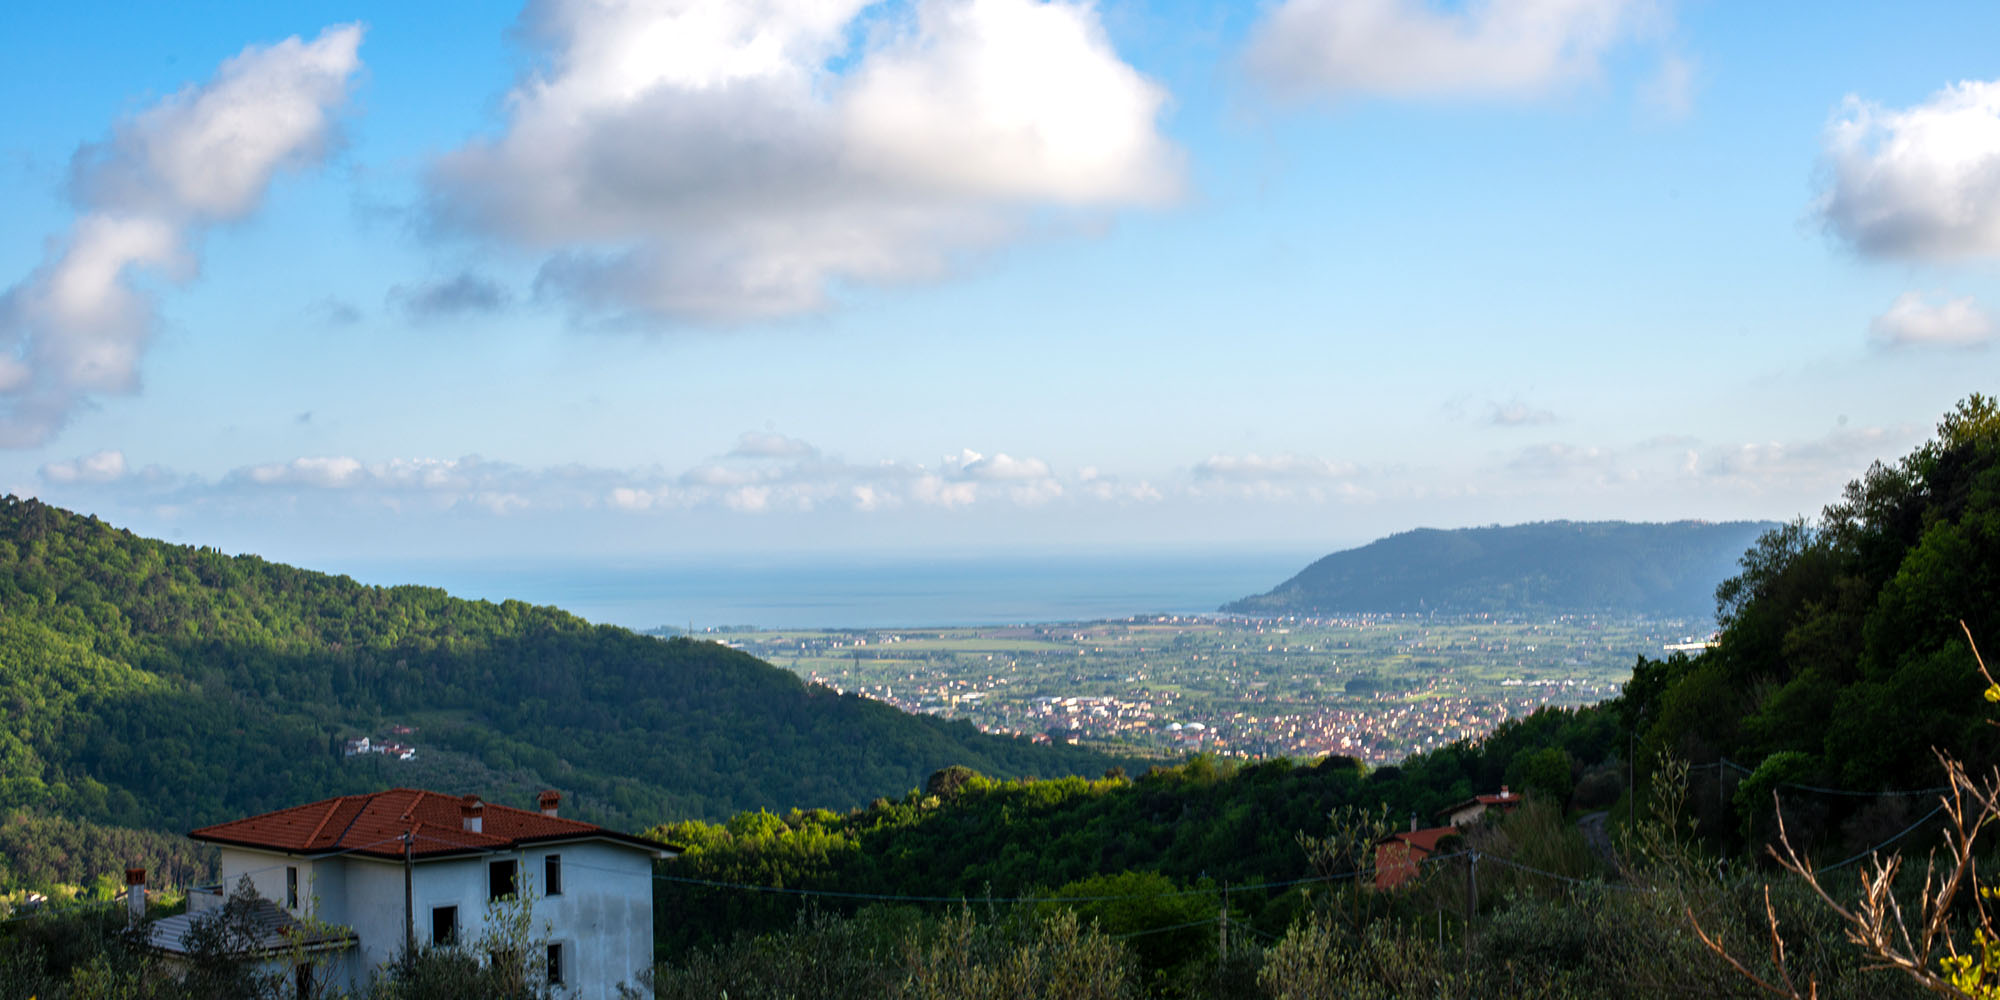 Il Campo, Fosdinovo - Dintorni, Valli Apuane, Toscana, Cinque Terre, Appennino tosco-emiliano